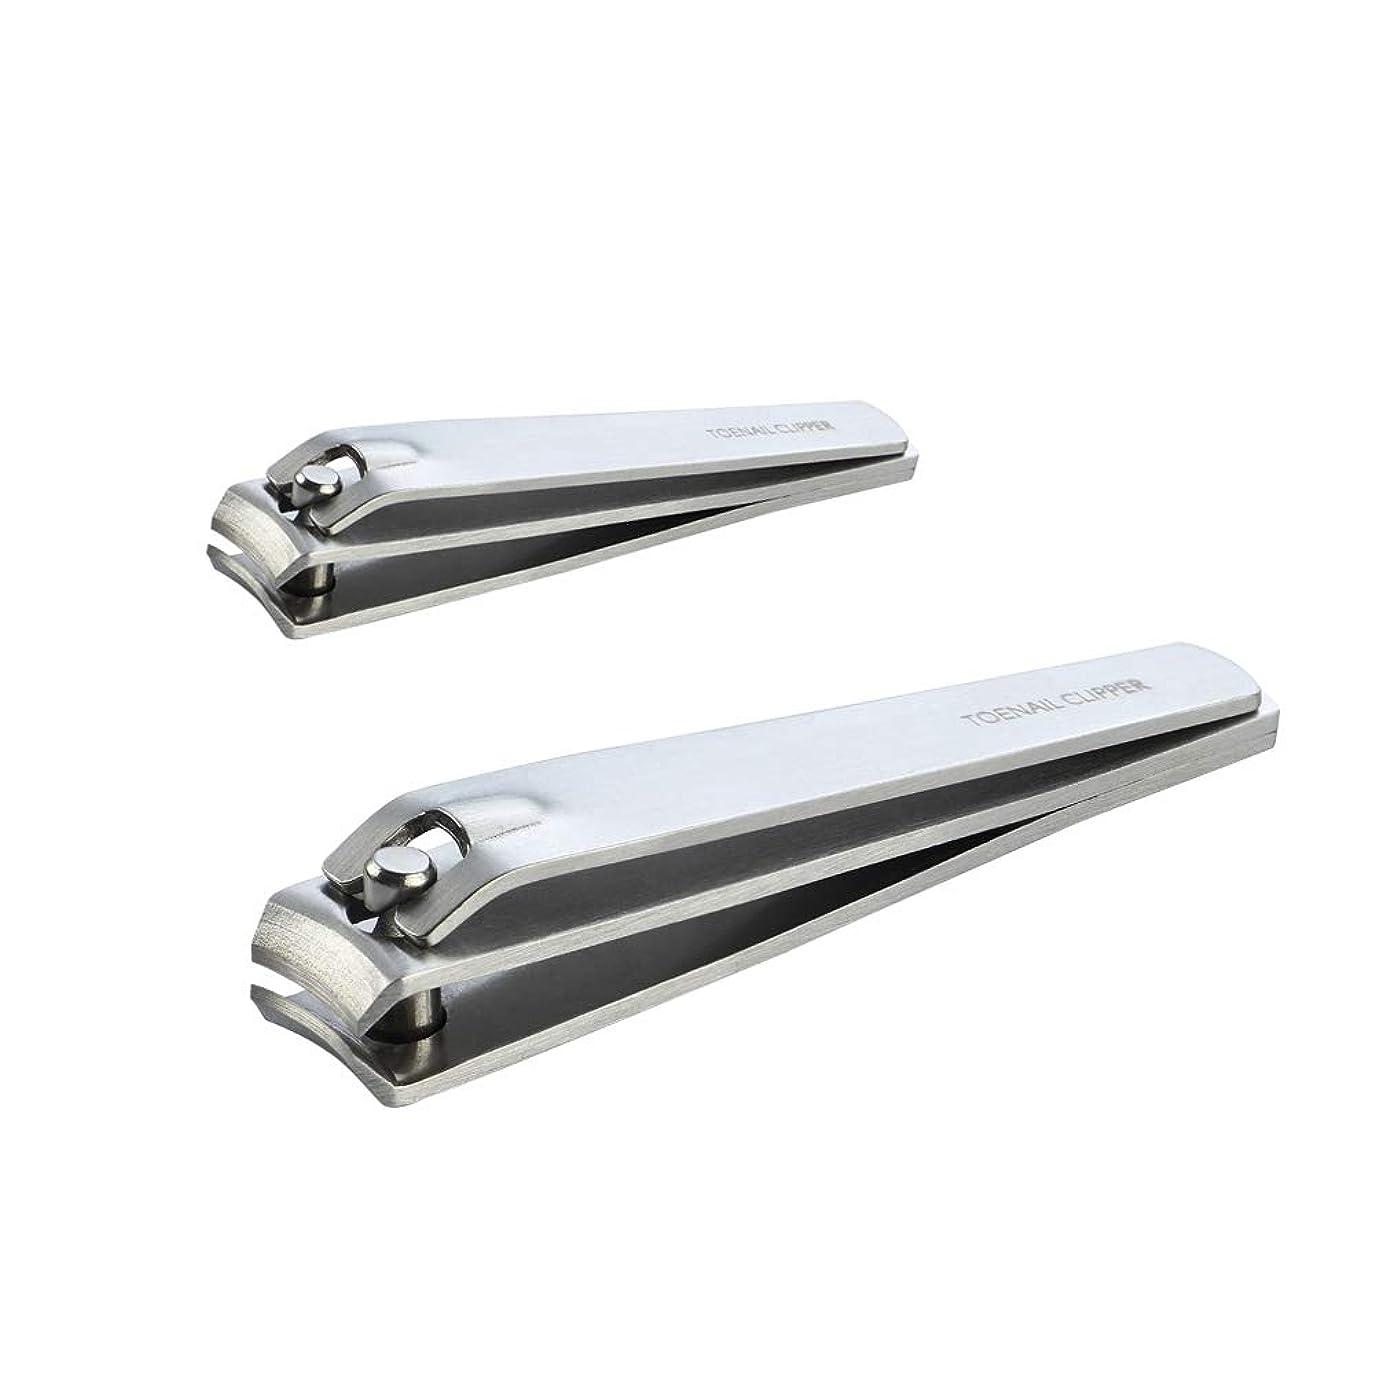 マーティフィールディング多年生ダイヤルSurgeHai 爪切りデラックスネイルクリッパーセット、ステンレス鋼ネイルクリーナーカーブフィンガーネイル&トゥネイルクリッパーズ2個セット